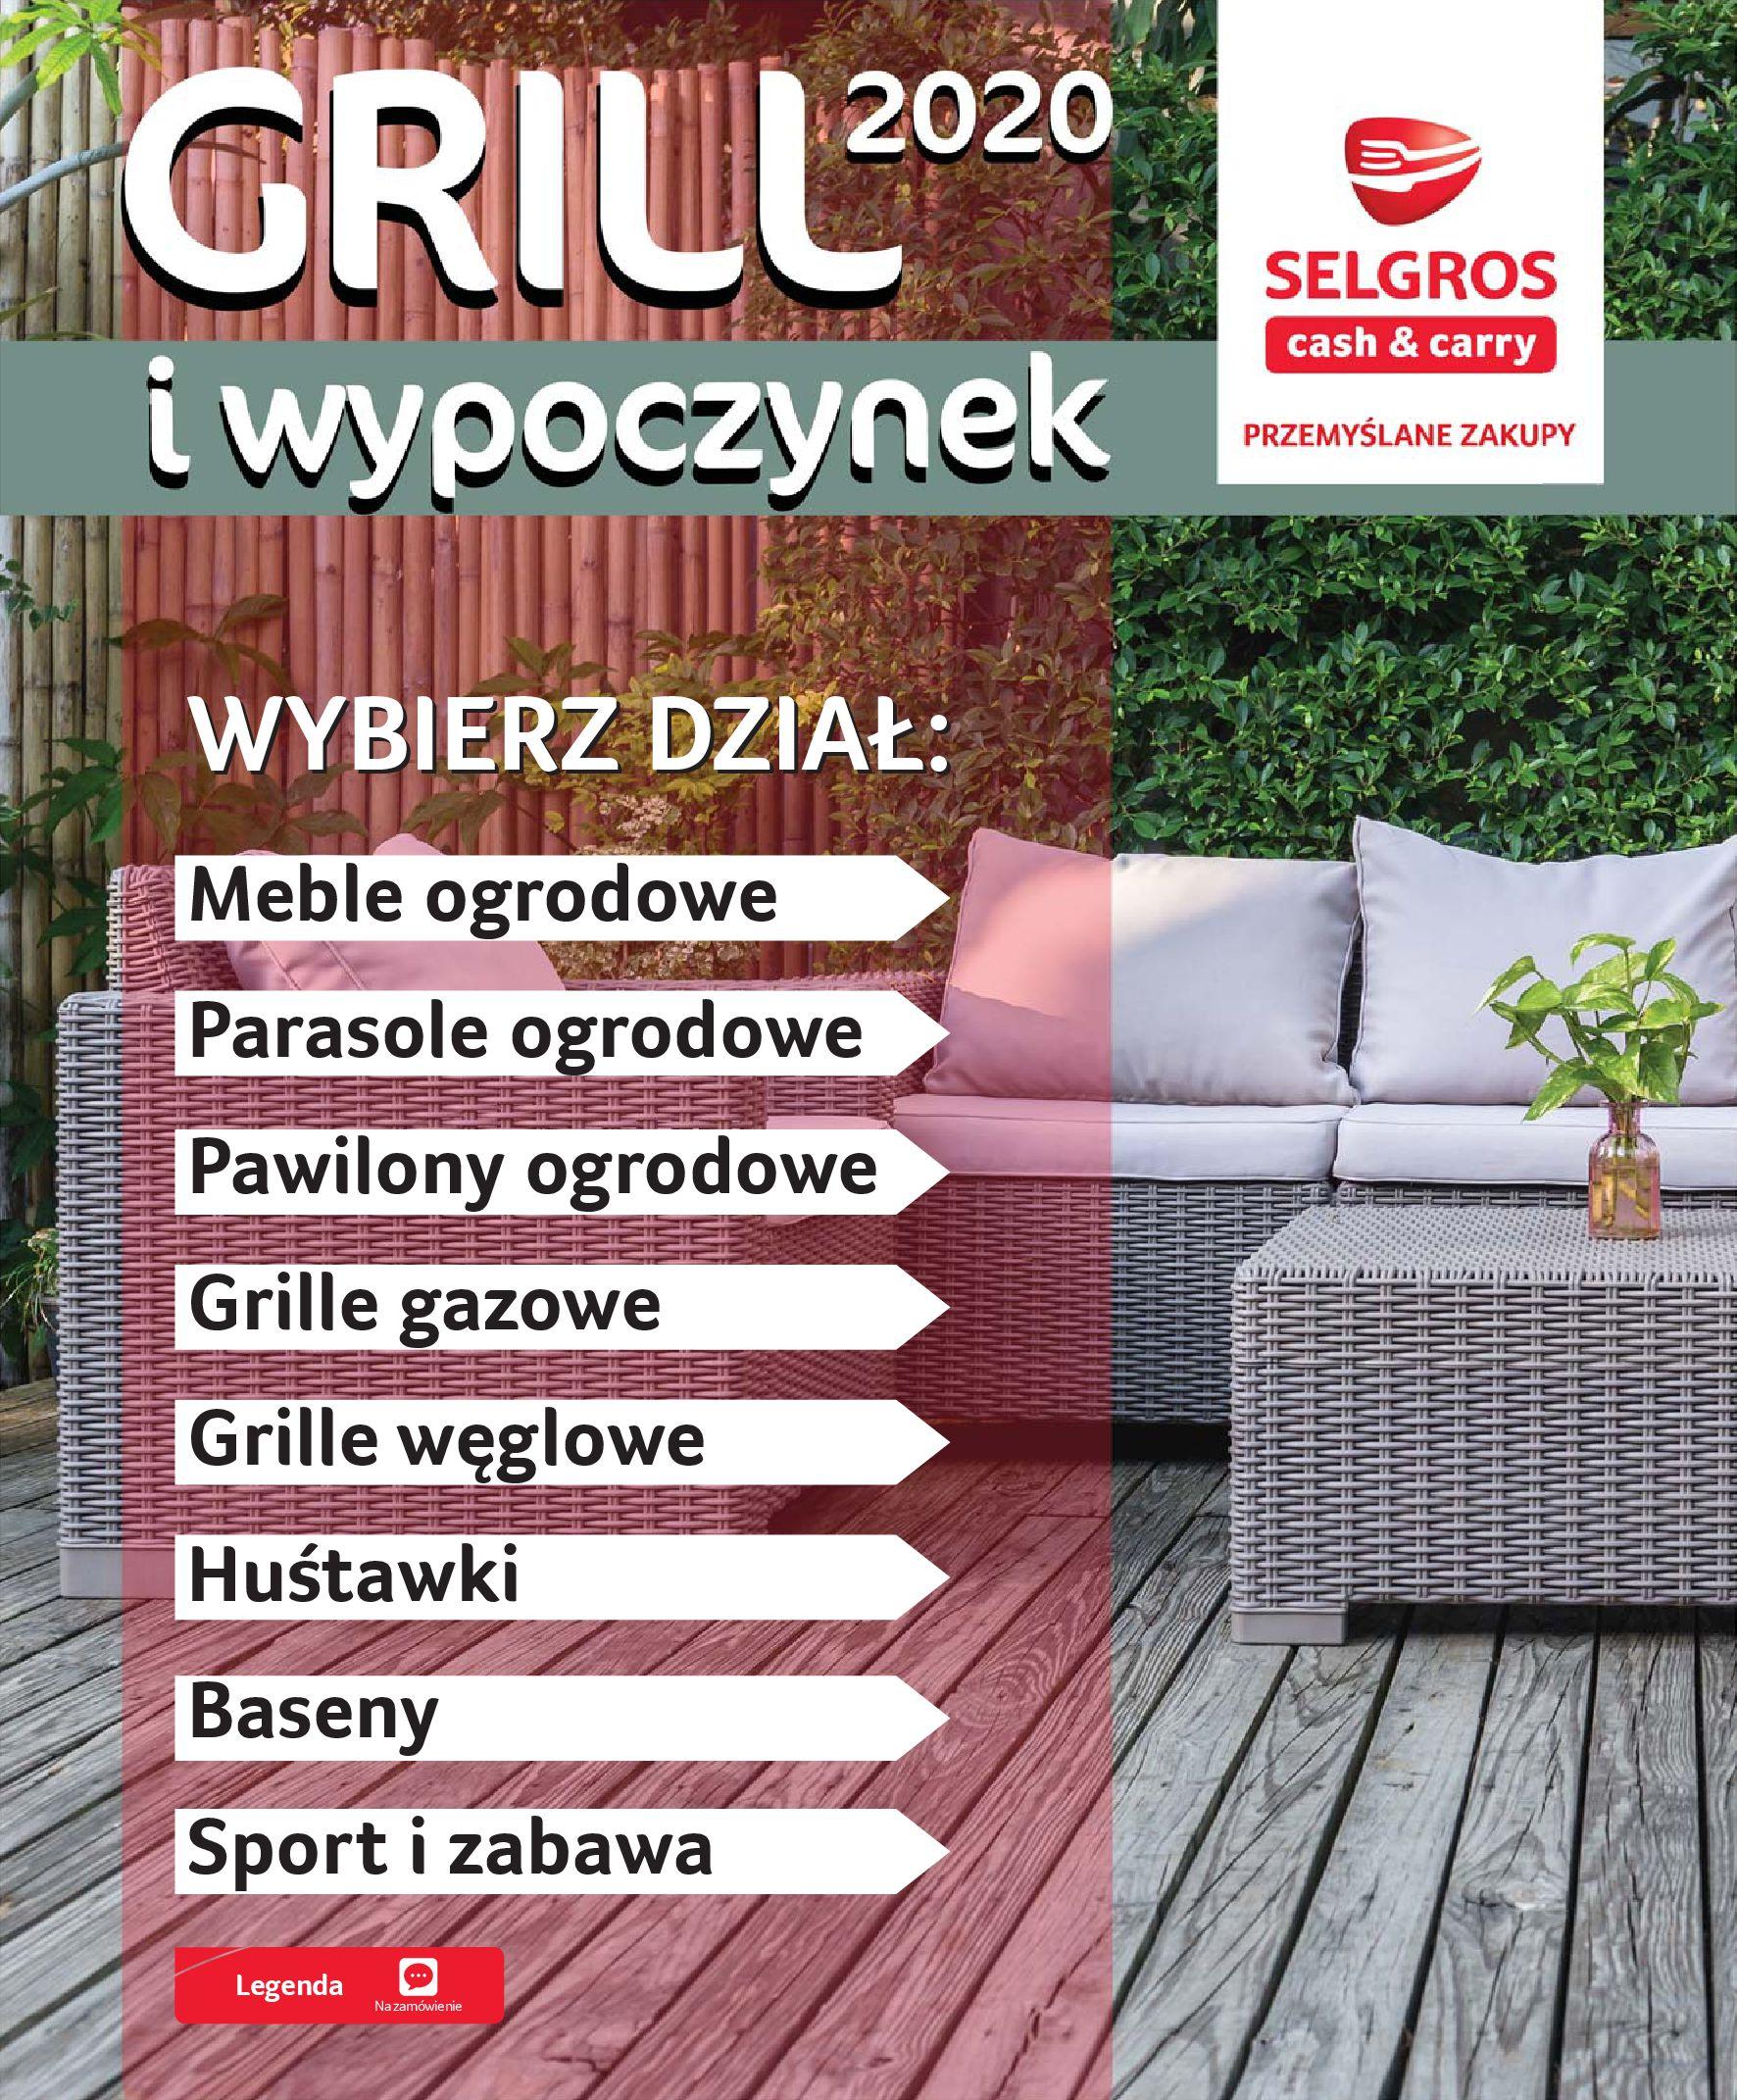 Gazetka Selgros - Katalog - Grill i wypoczynek-31.03.2020-31.08.2020-page-2